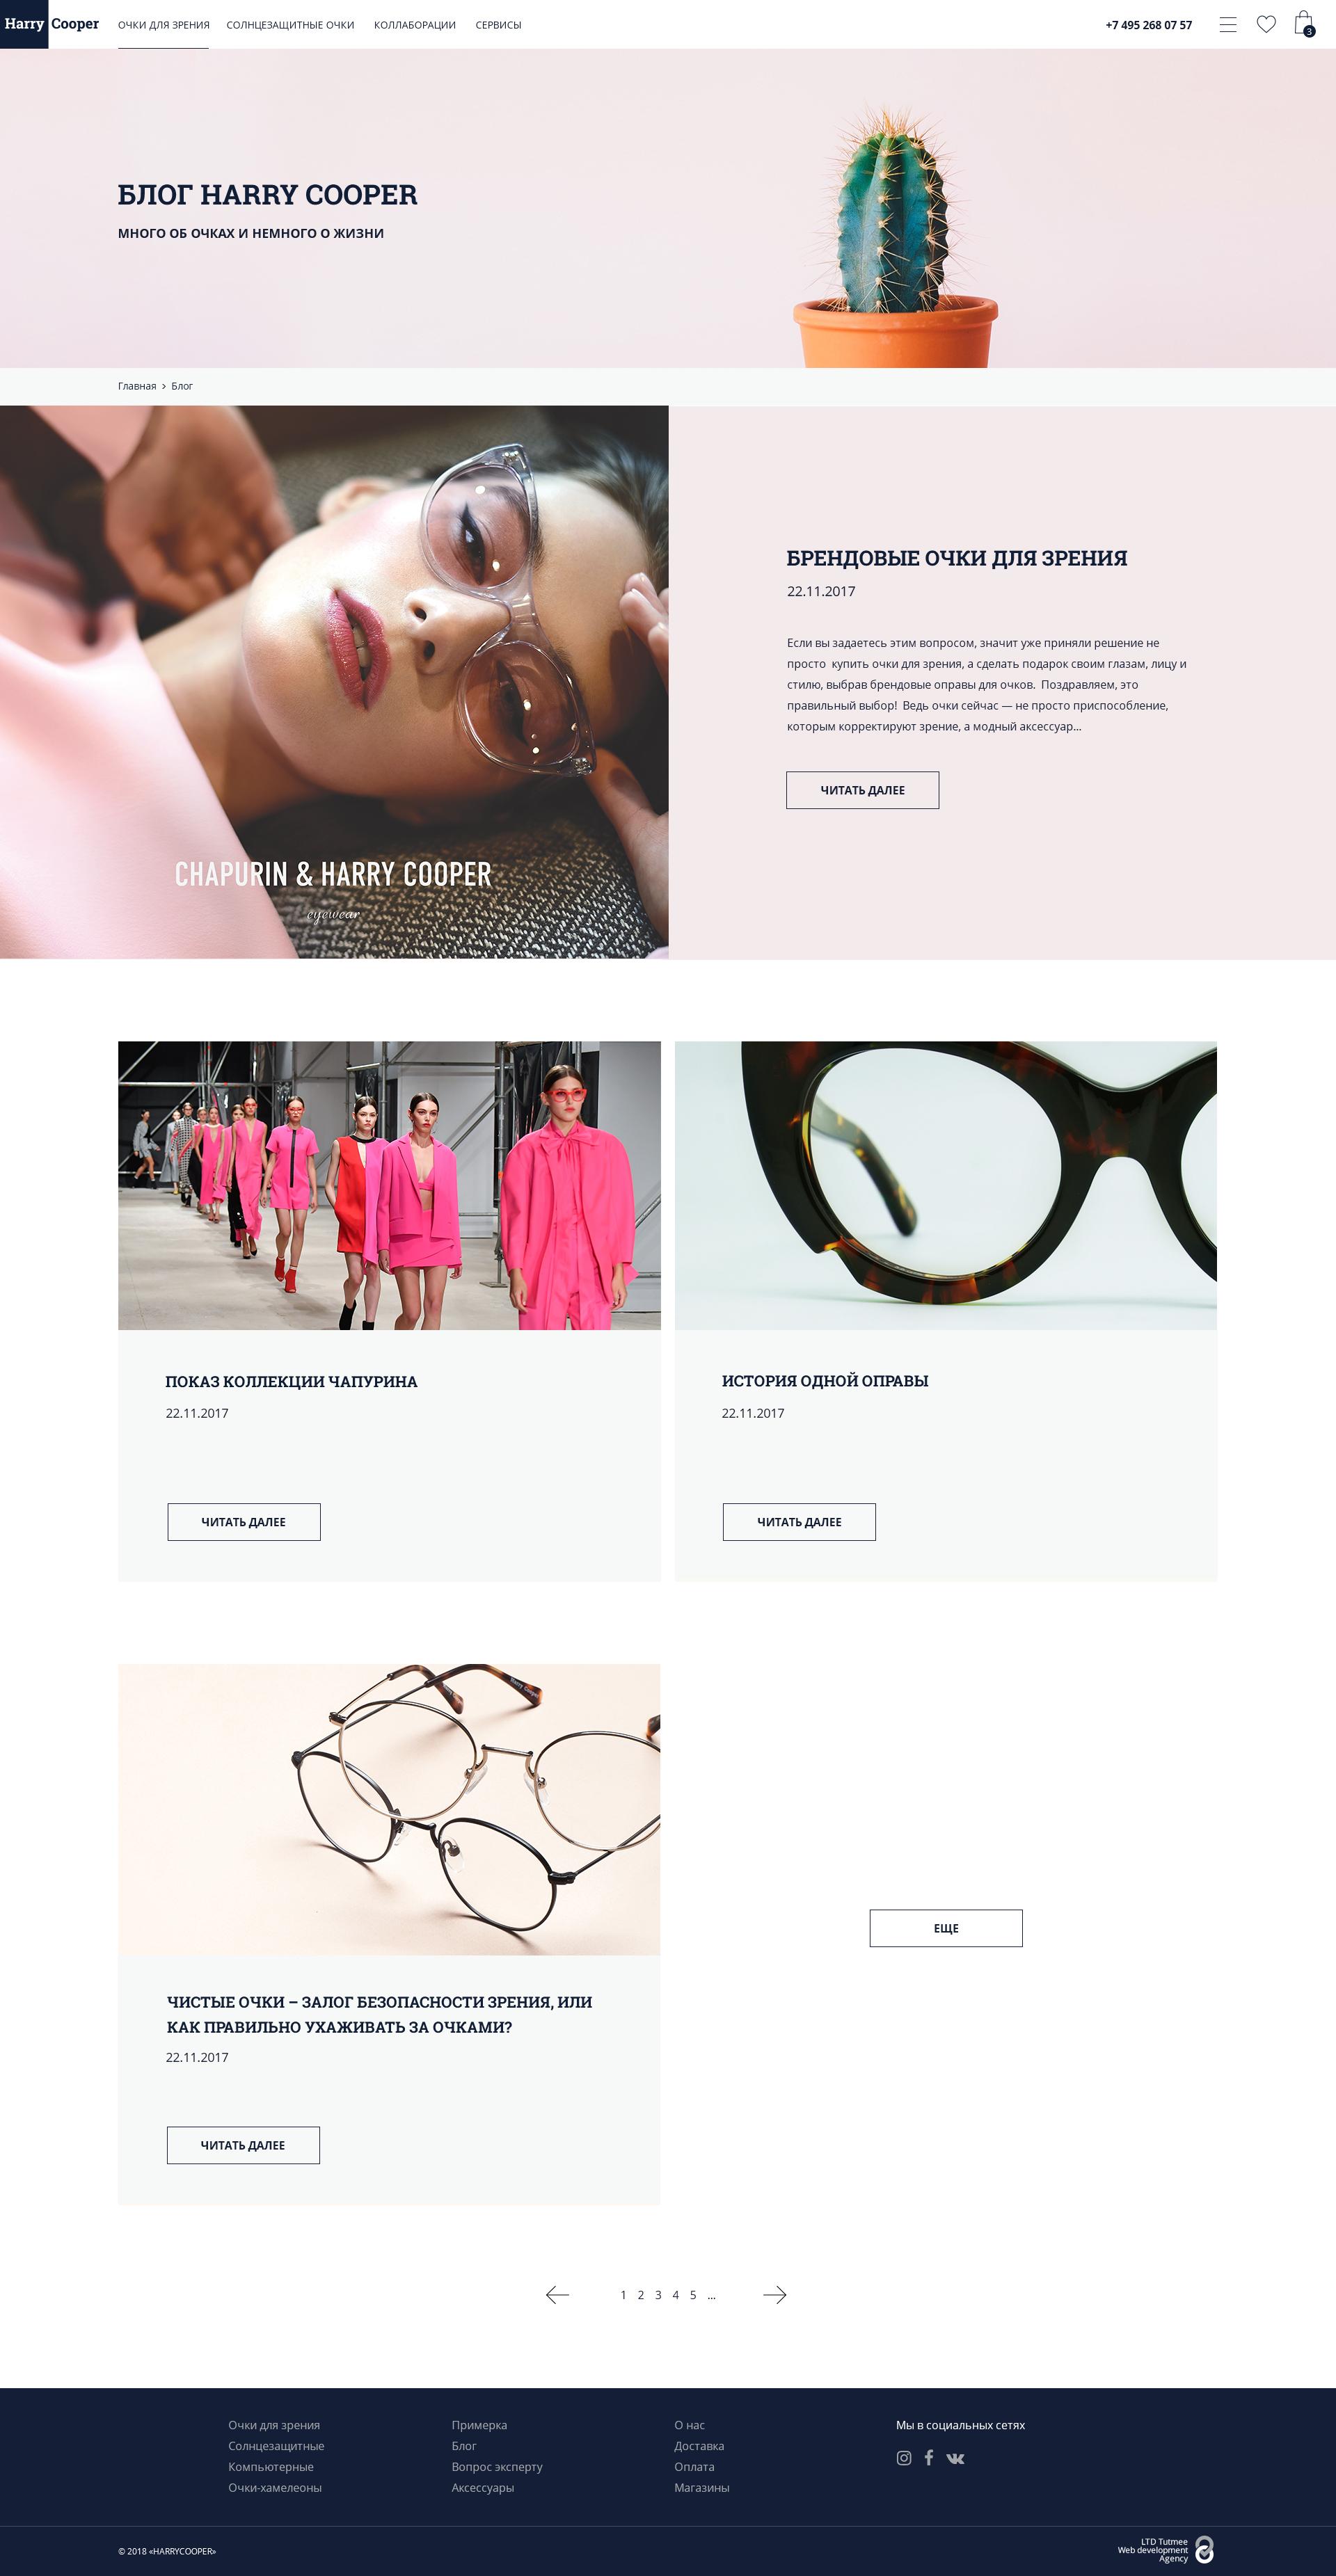 Адаптивный дизайн Harry Cooper - интернет-магазин очков